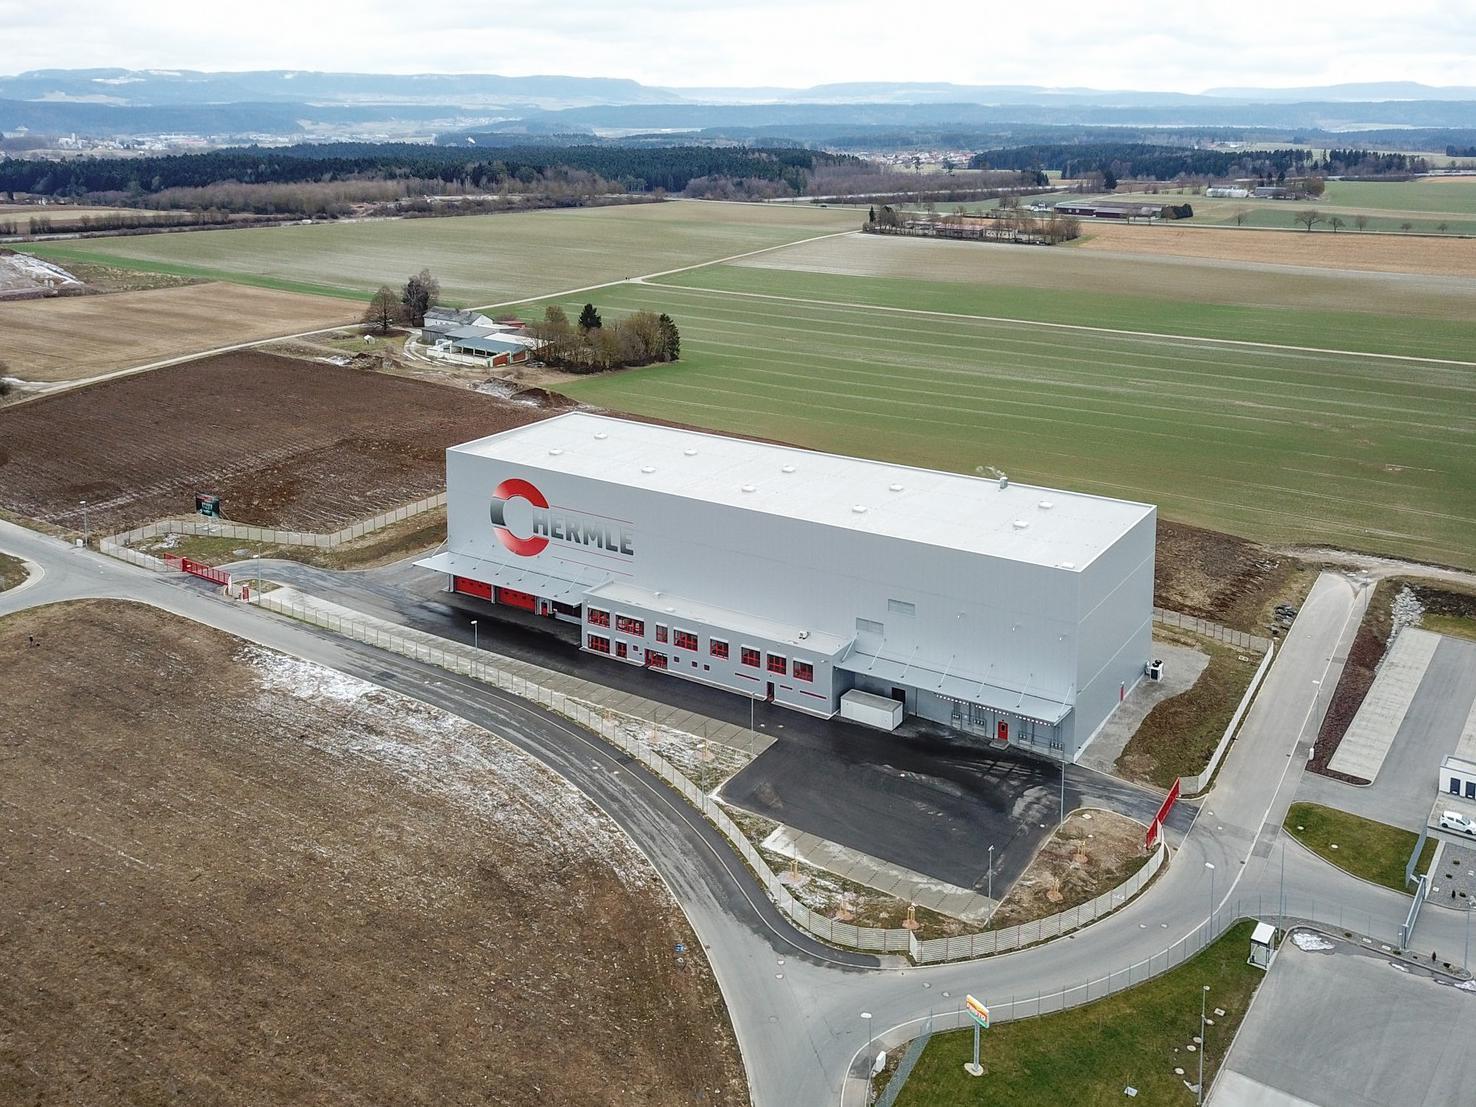 Das Bild zeigt die bestehende Mineralgussgießerei der Hermle AG in Zimmern o.R.